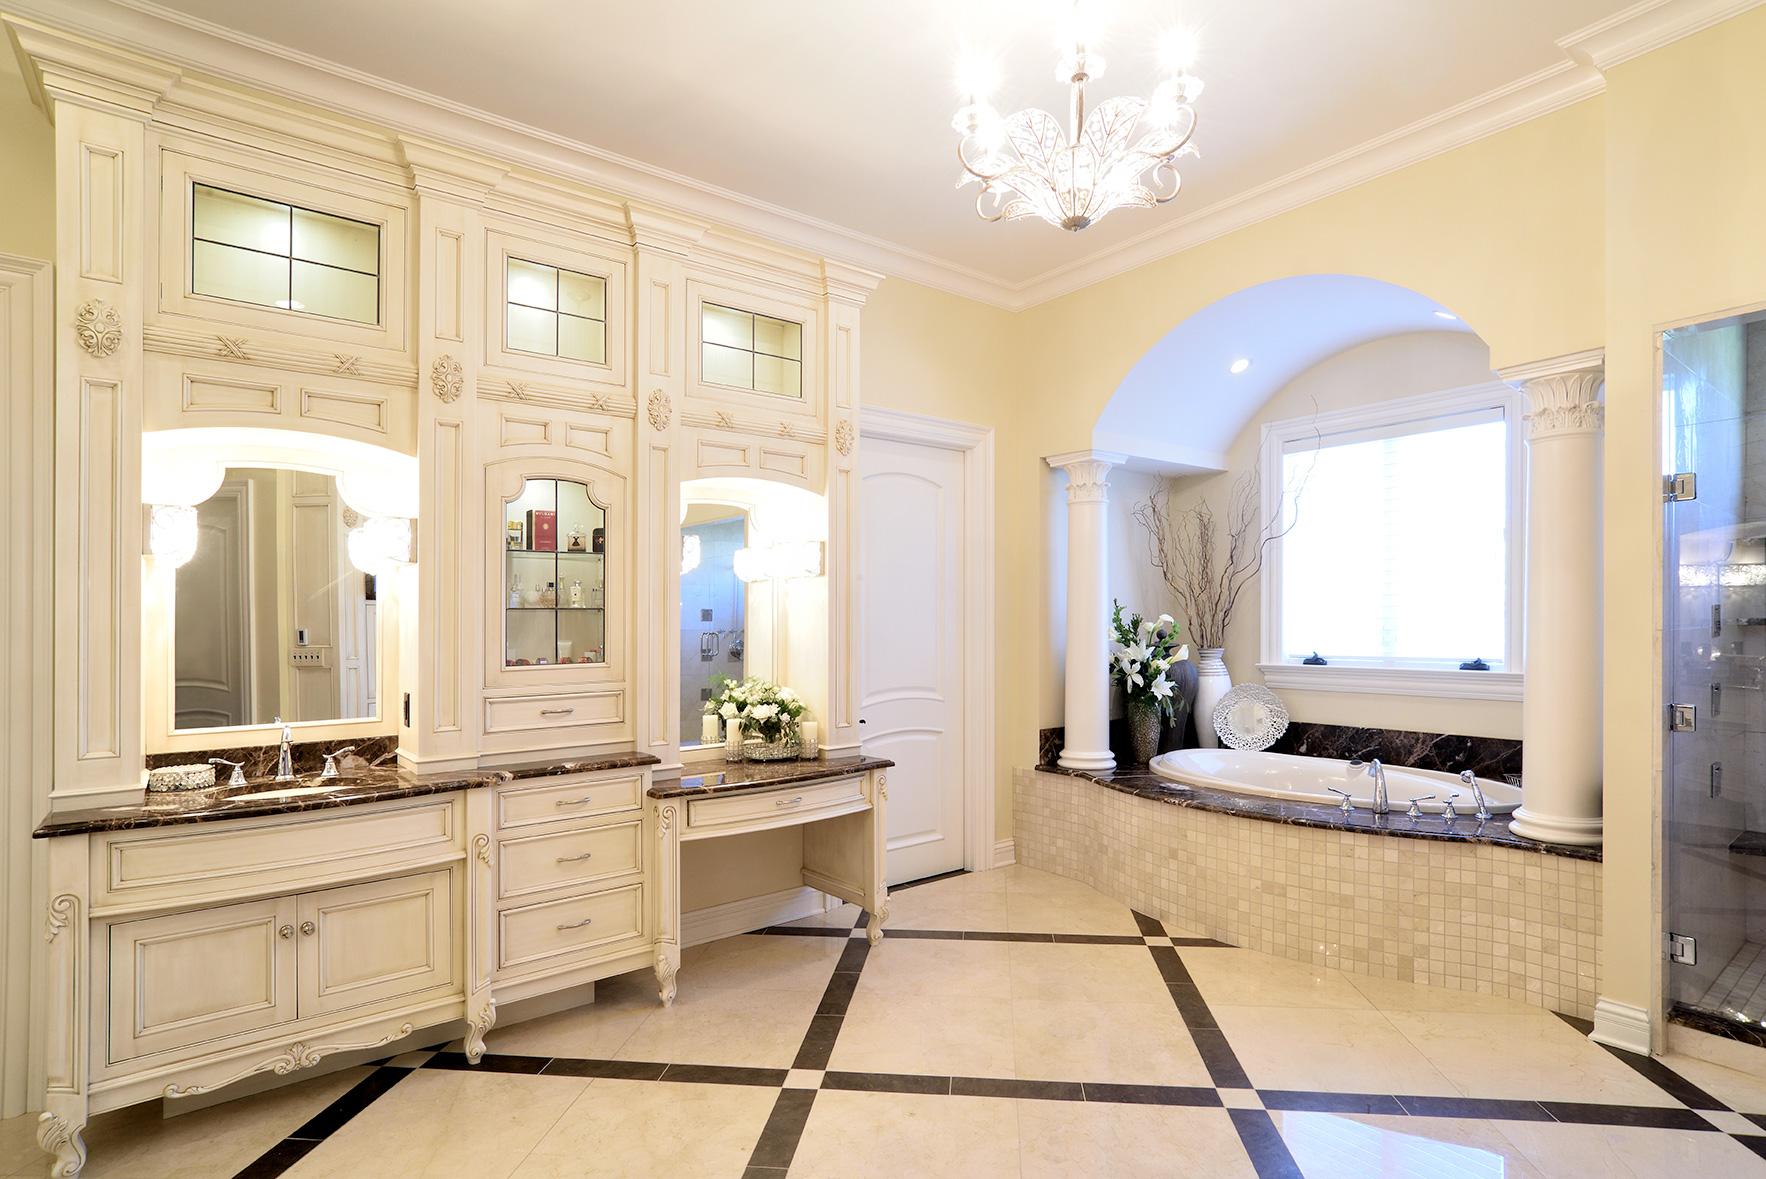 Bathrooms En Suite Meaning: Opulent Ensuite Master Bath